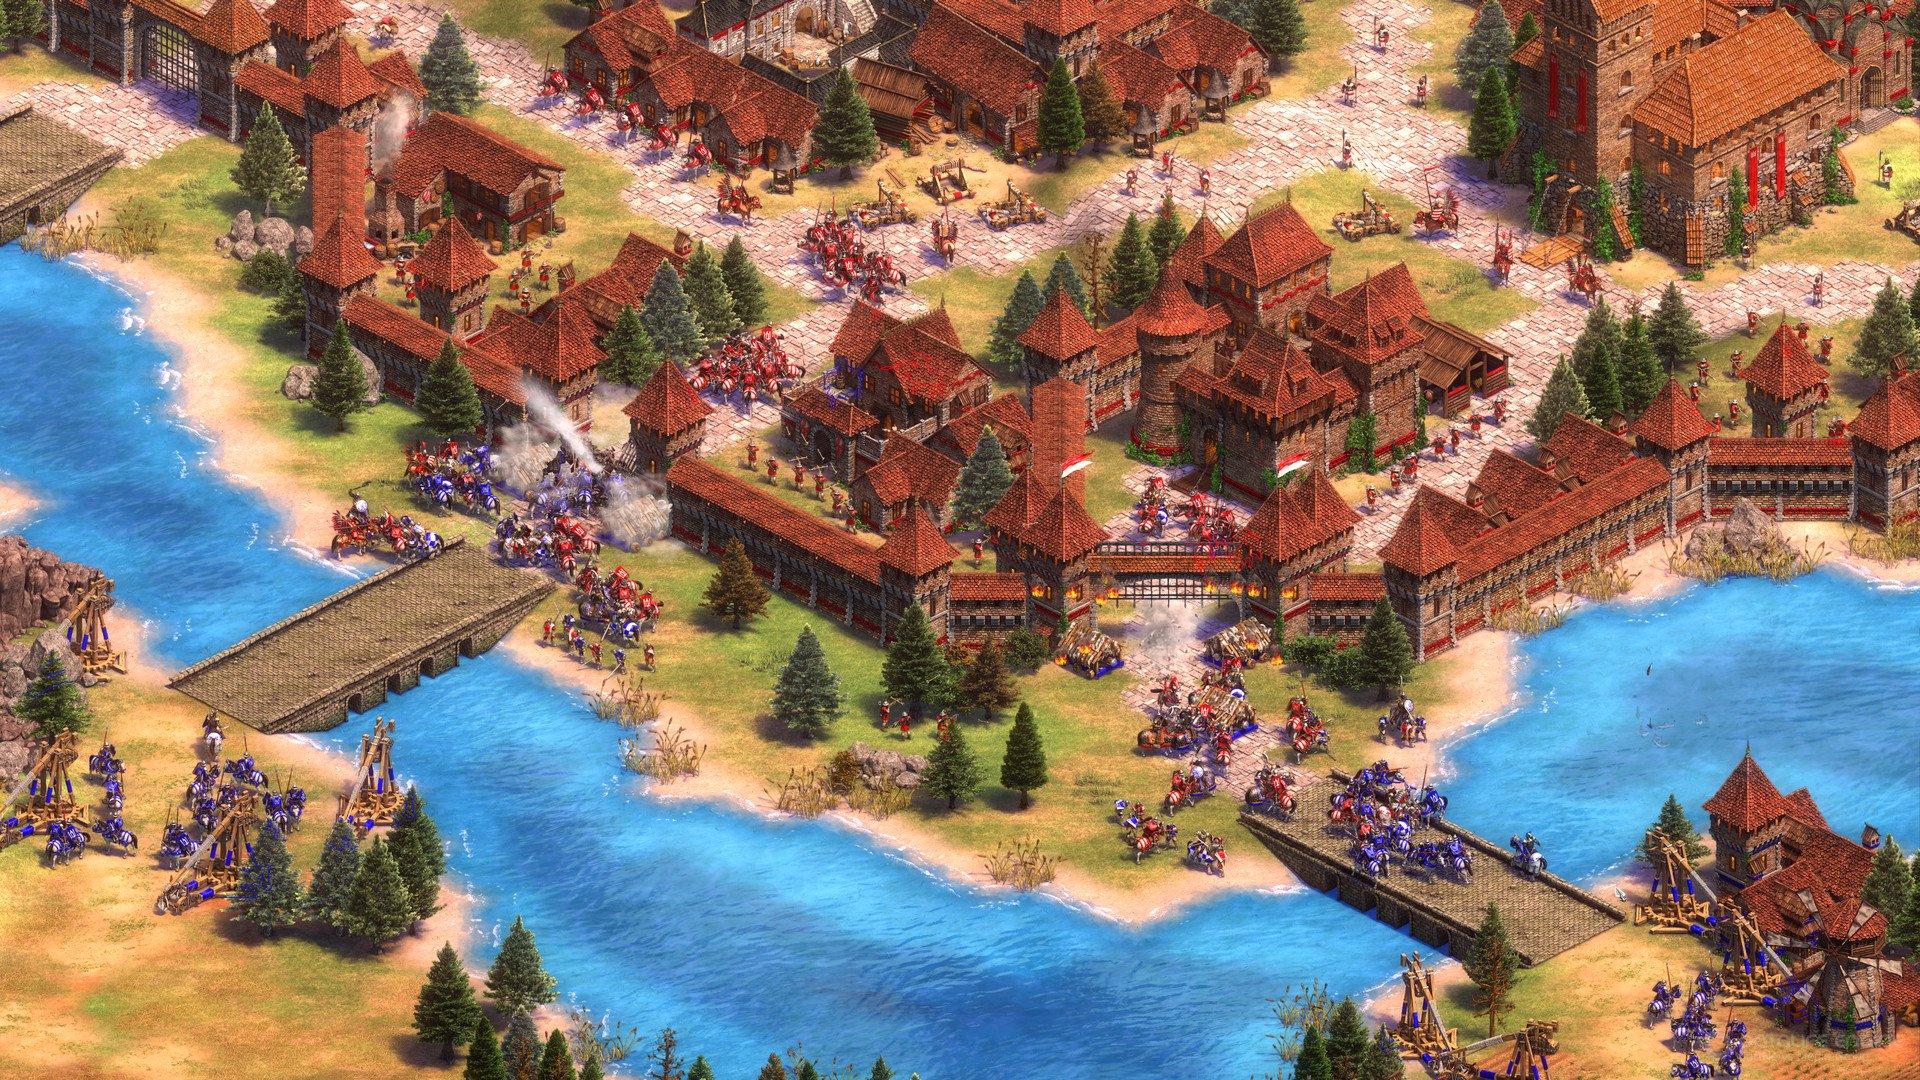 Скриншот к игре Age of Empires II: Definitive Edition [Build 36906] (2019) скачать торрент RePack